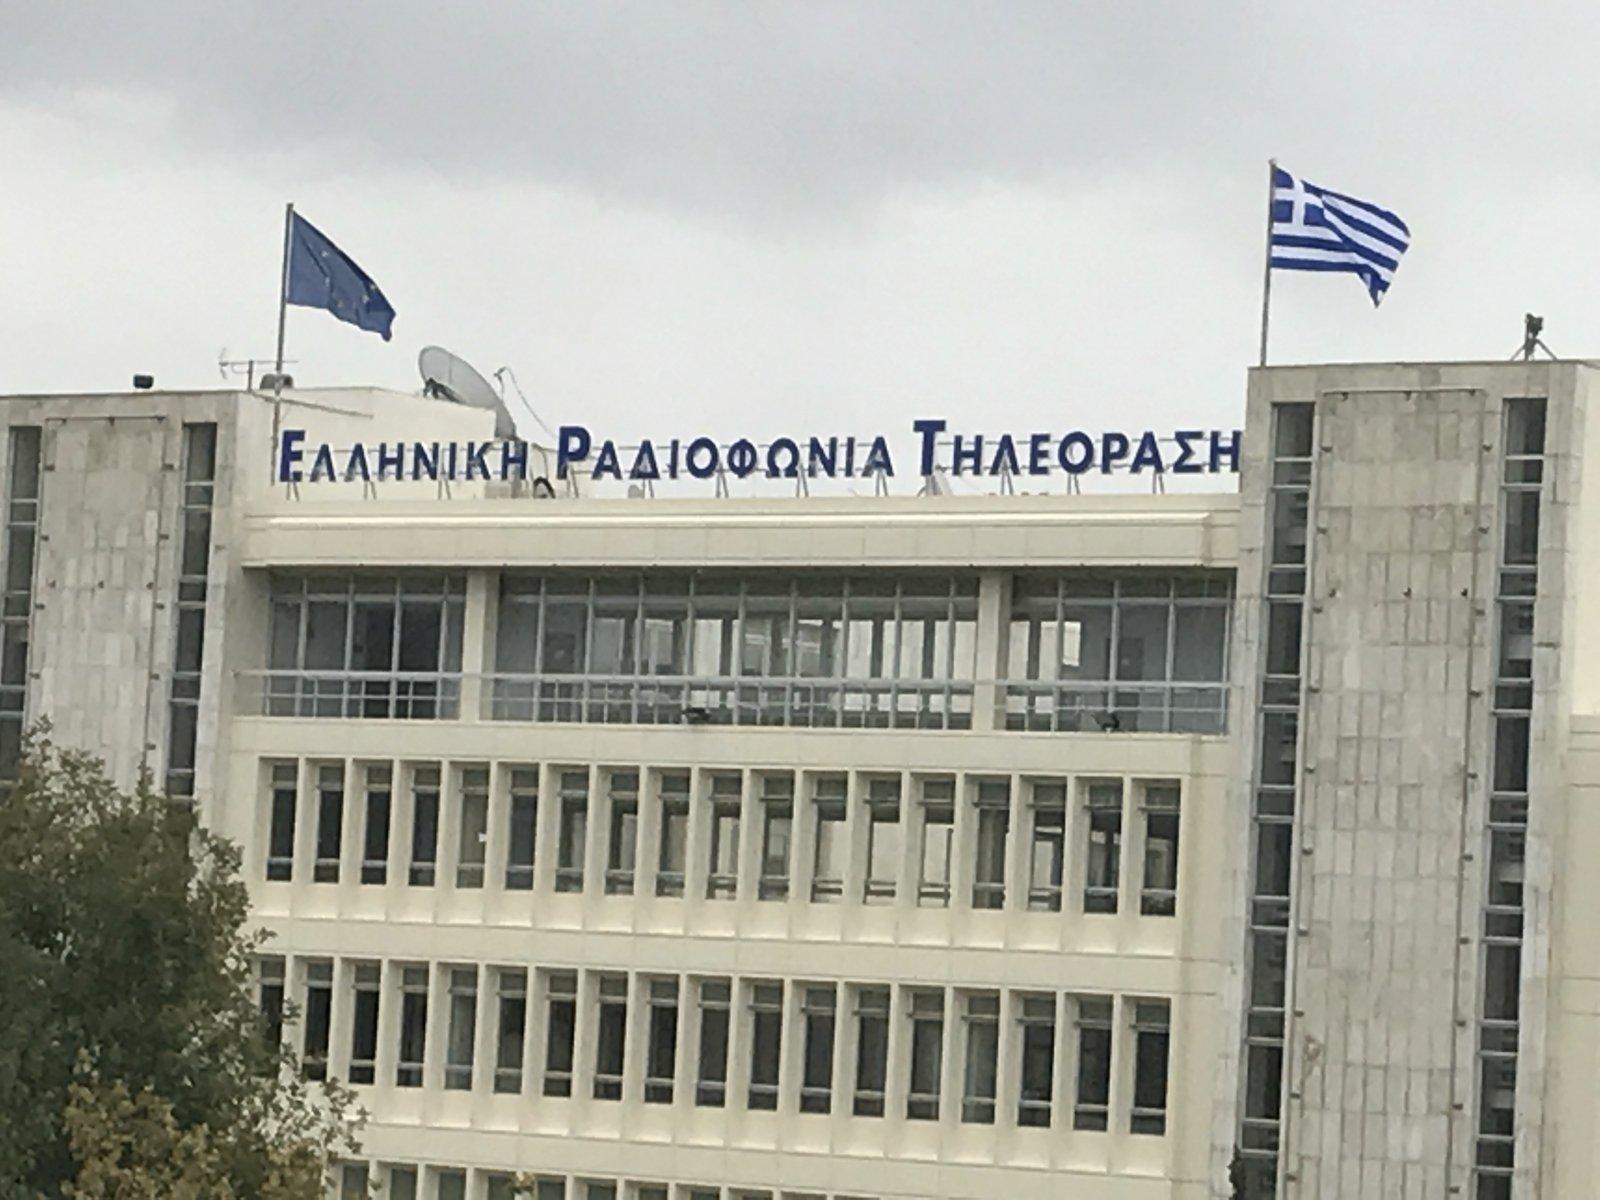 ΕΡΤ: Σε απευθείας σύνδεση από τη Μητρόπολη Αθηνών οι Θείες Λειτουργίες